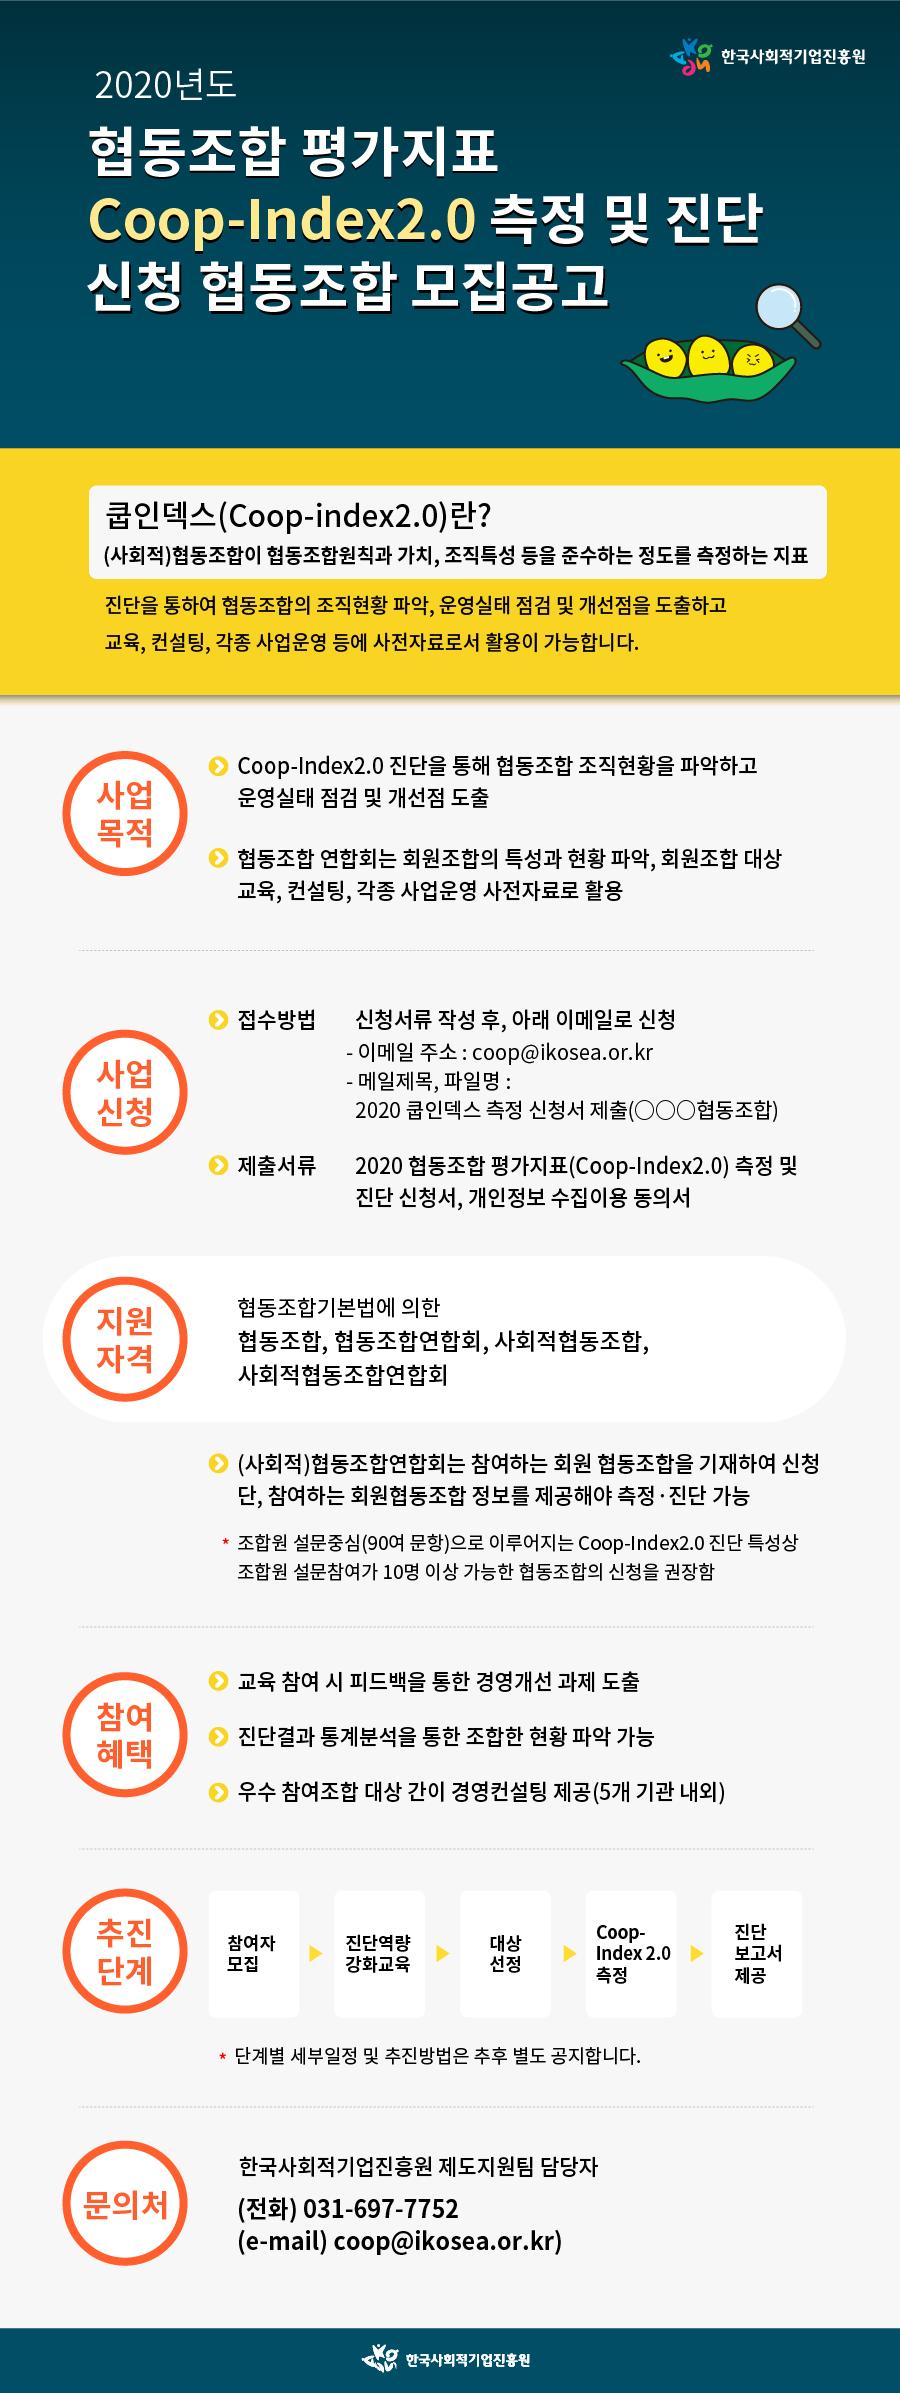 [안내] 한국사회적기업진흥원| 협동조합 자가진단 평가지표(Coop-index 2.0) 측정 및 진단 신청 협동조합 모집공고